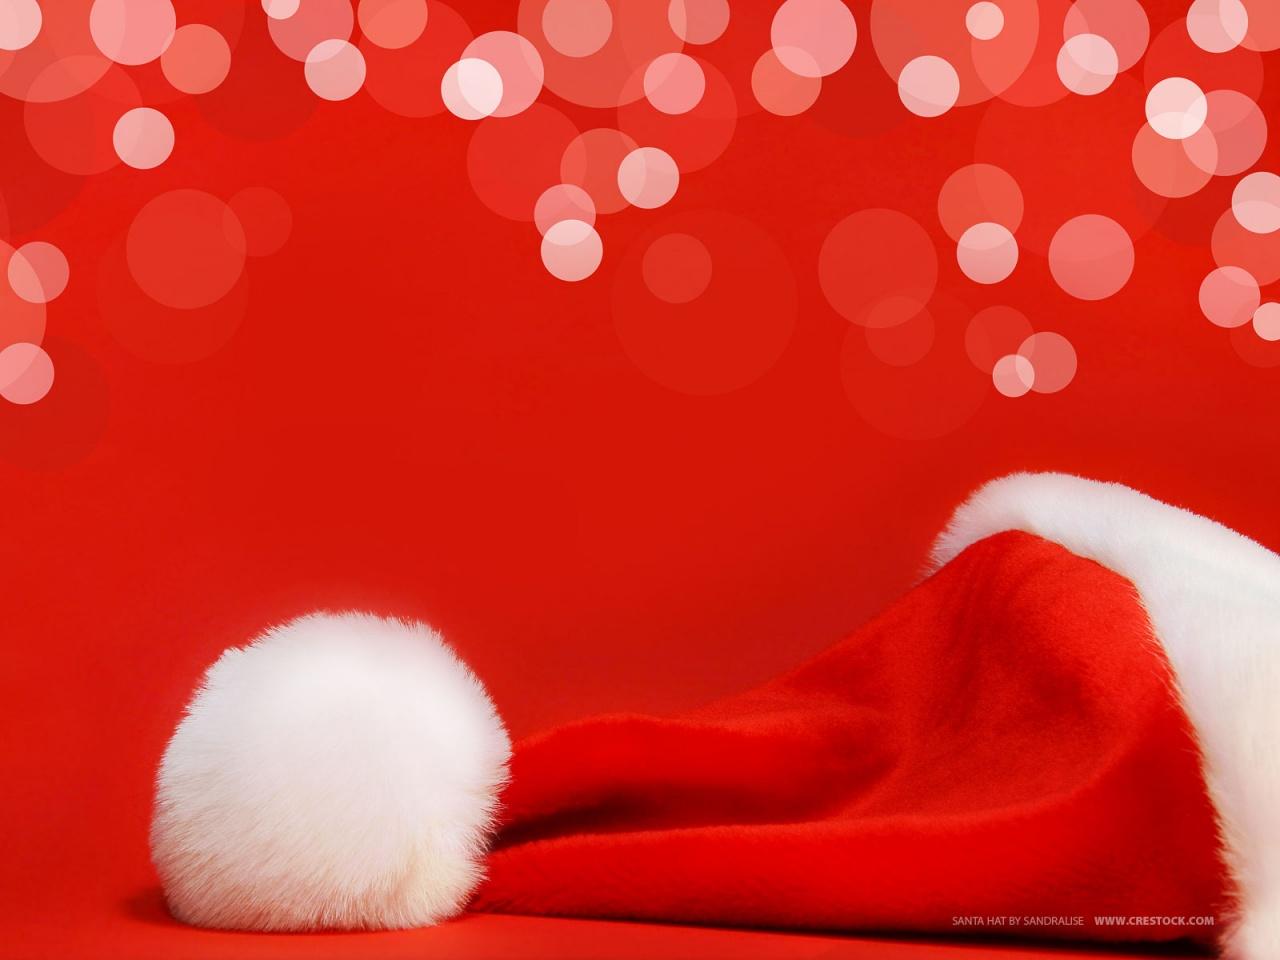 Шапка деда мороза, скачать фото, обои для рабочего стола, Santa Claus hat wallpaper